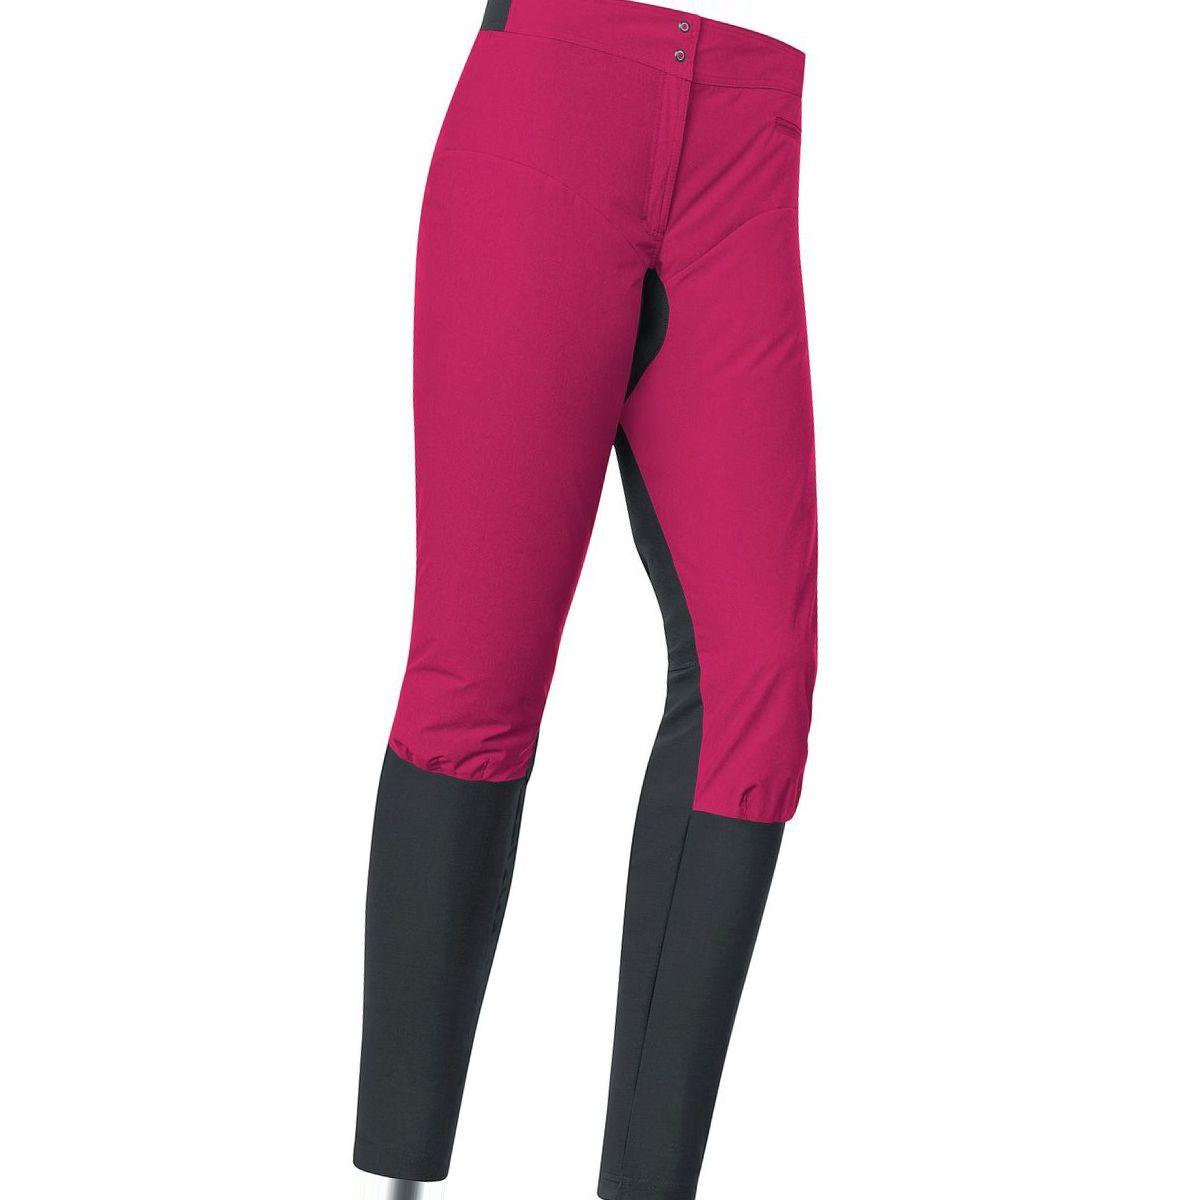 Gore Bike Wear Power Trail Lady Gore Windstopper Softshell Pants - Women's